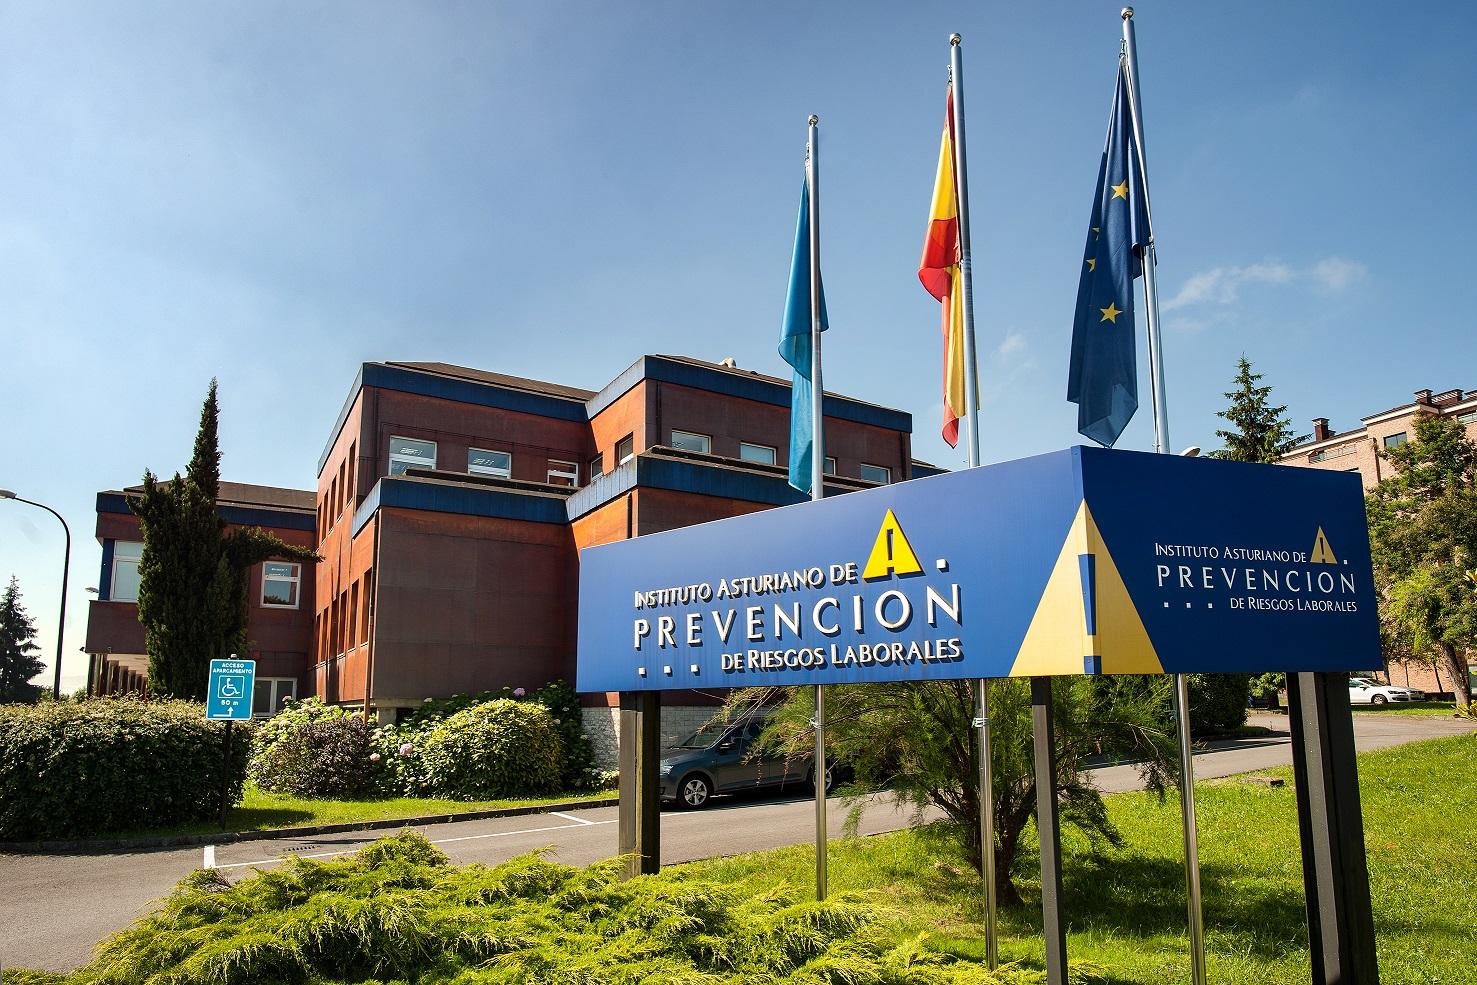 El Instituto Asturiano de Prevención de Riesgos Laborales propone su modelo de prevención